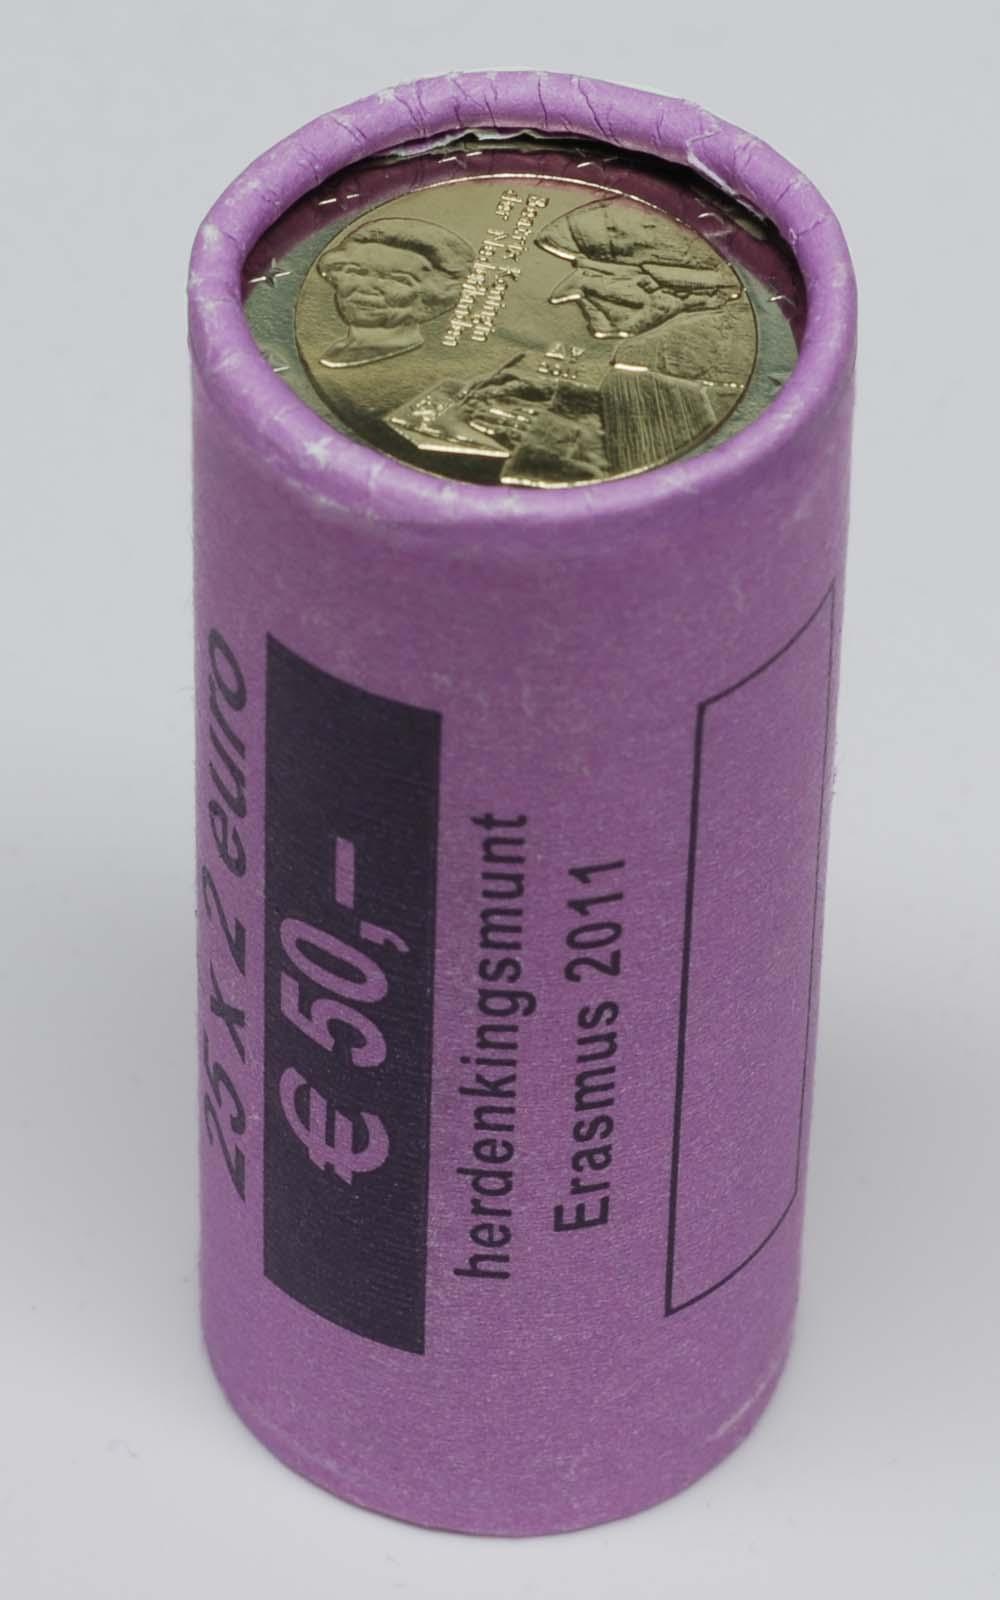 Niederlande : 2 Euro Originalrolle Erasmus 25 x 2 Euro Blindrolle  2011 Stgl. 2 Euro Rolle Erasmus 2011